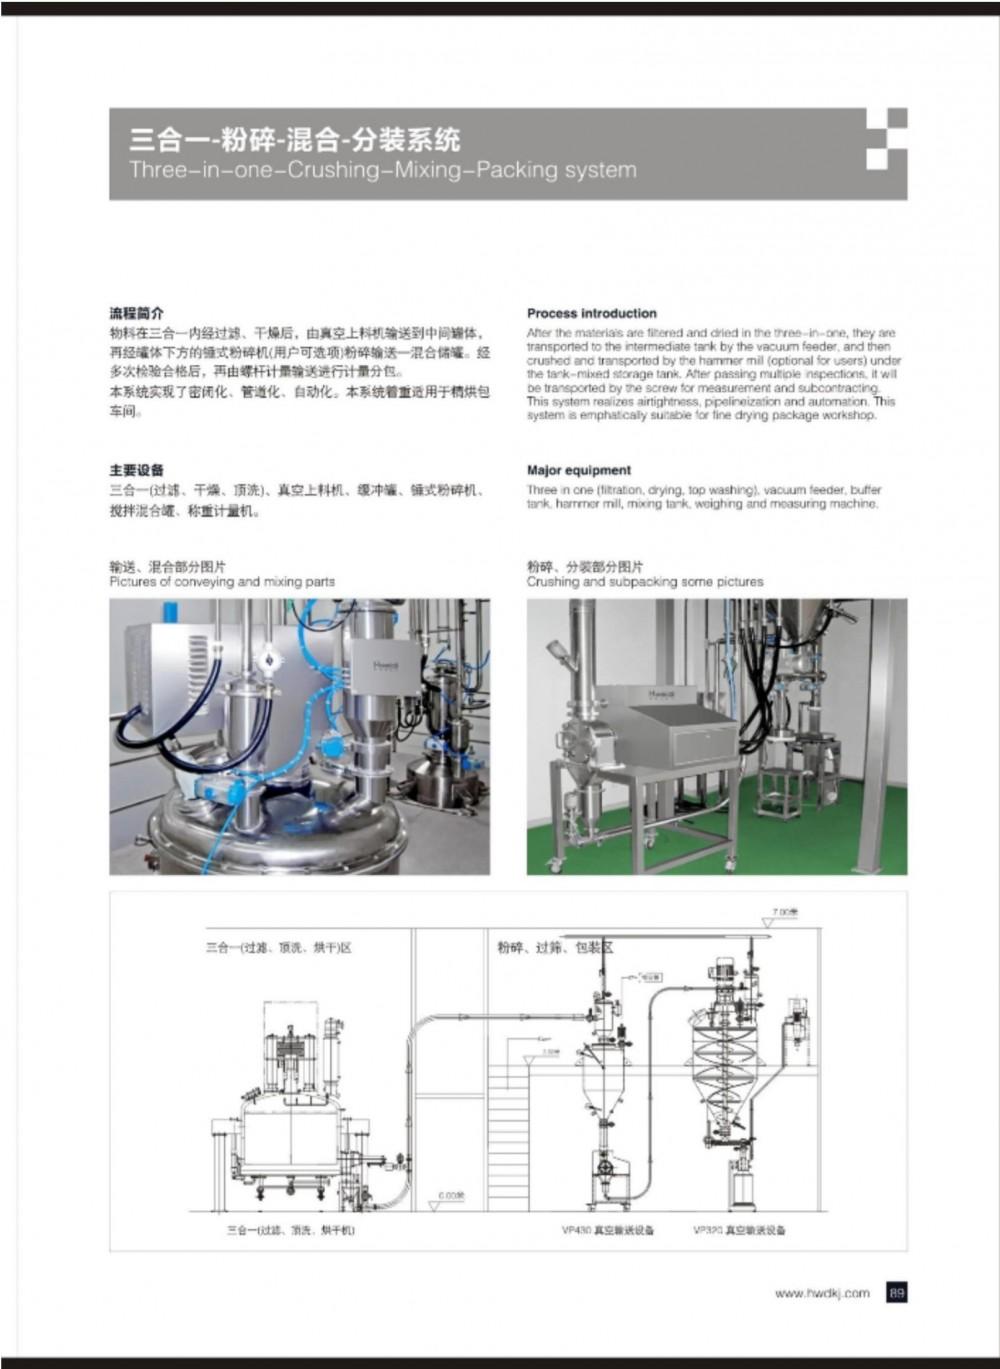 三合一-粉碎-混合-分装系统